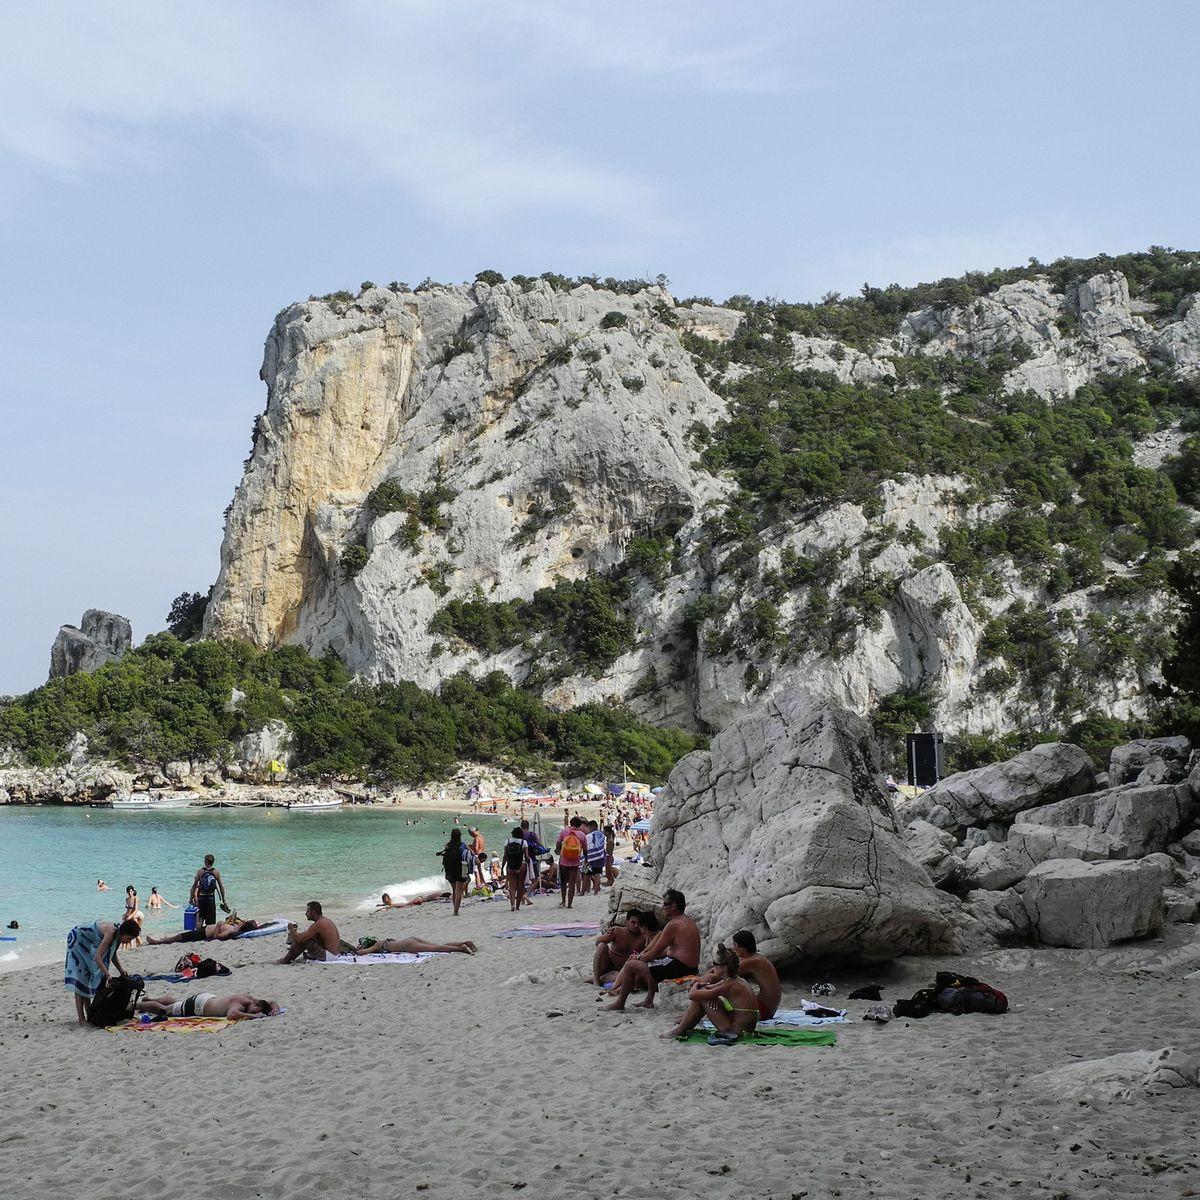 Auswandern als rentner nach italien